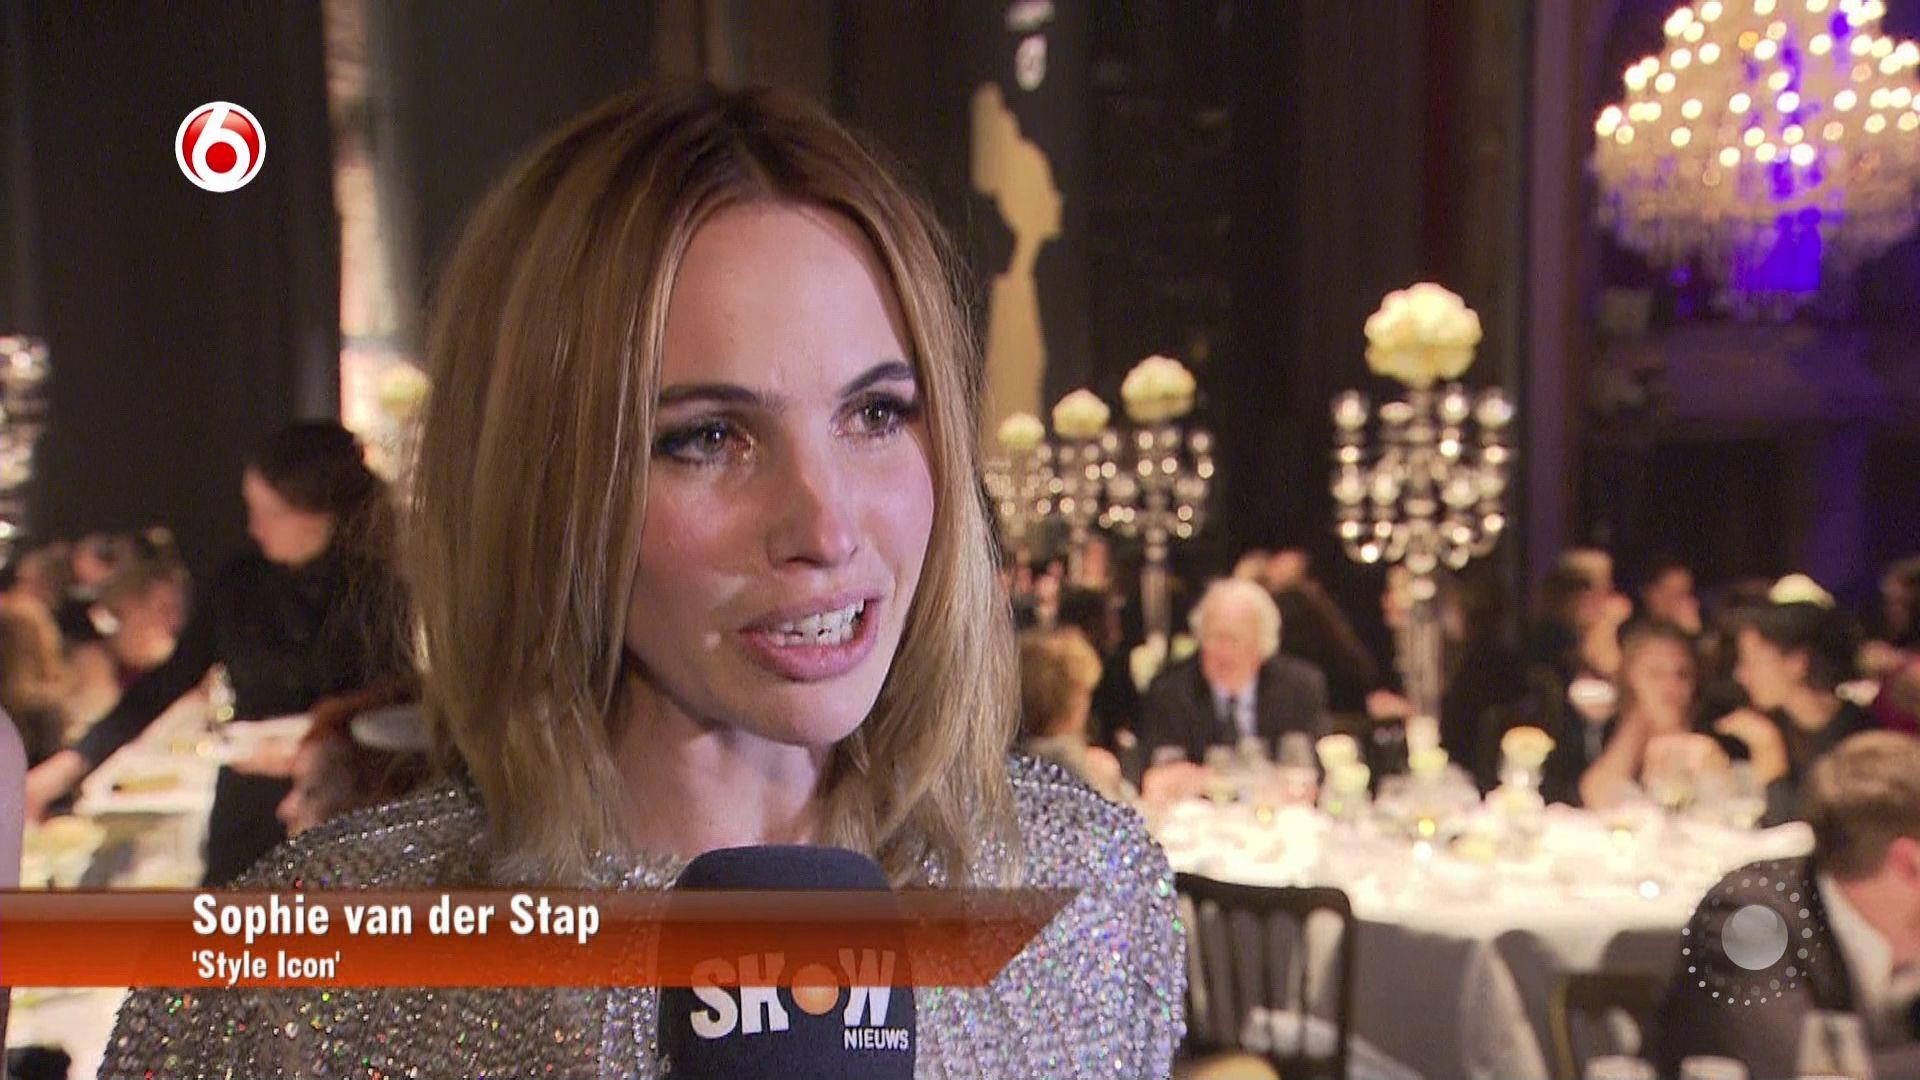 Sophie van der Stap